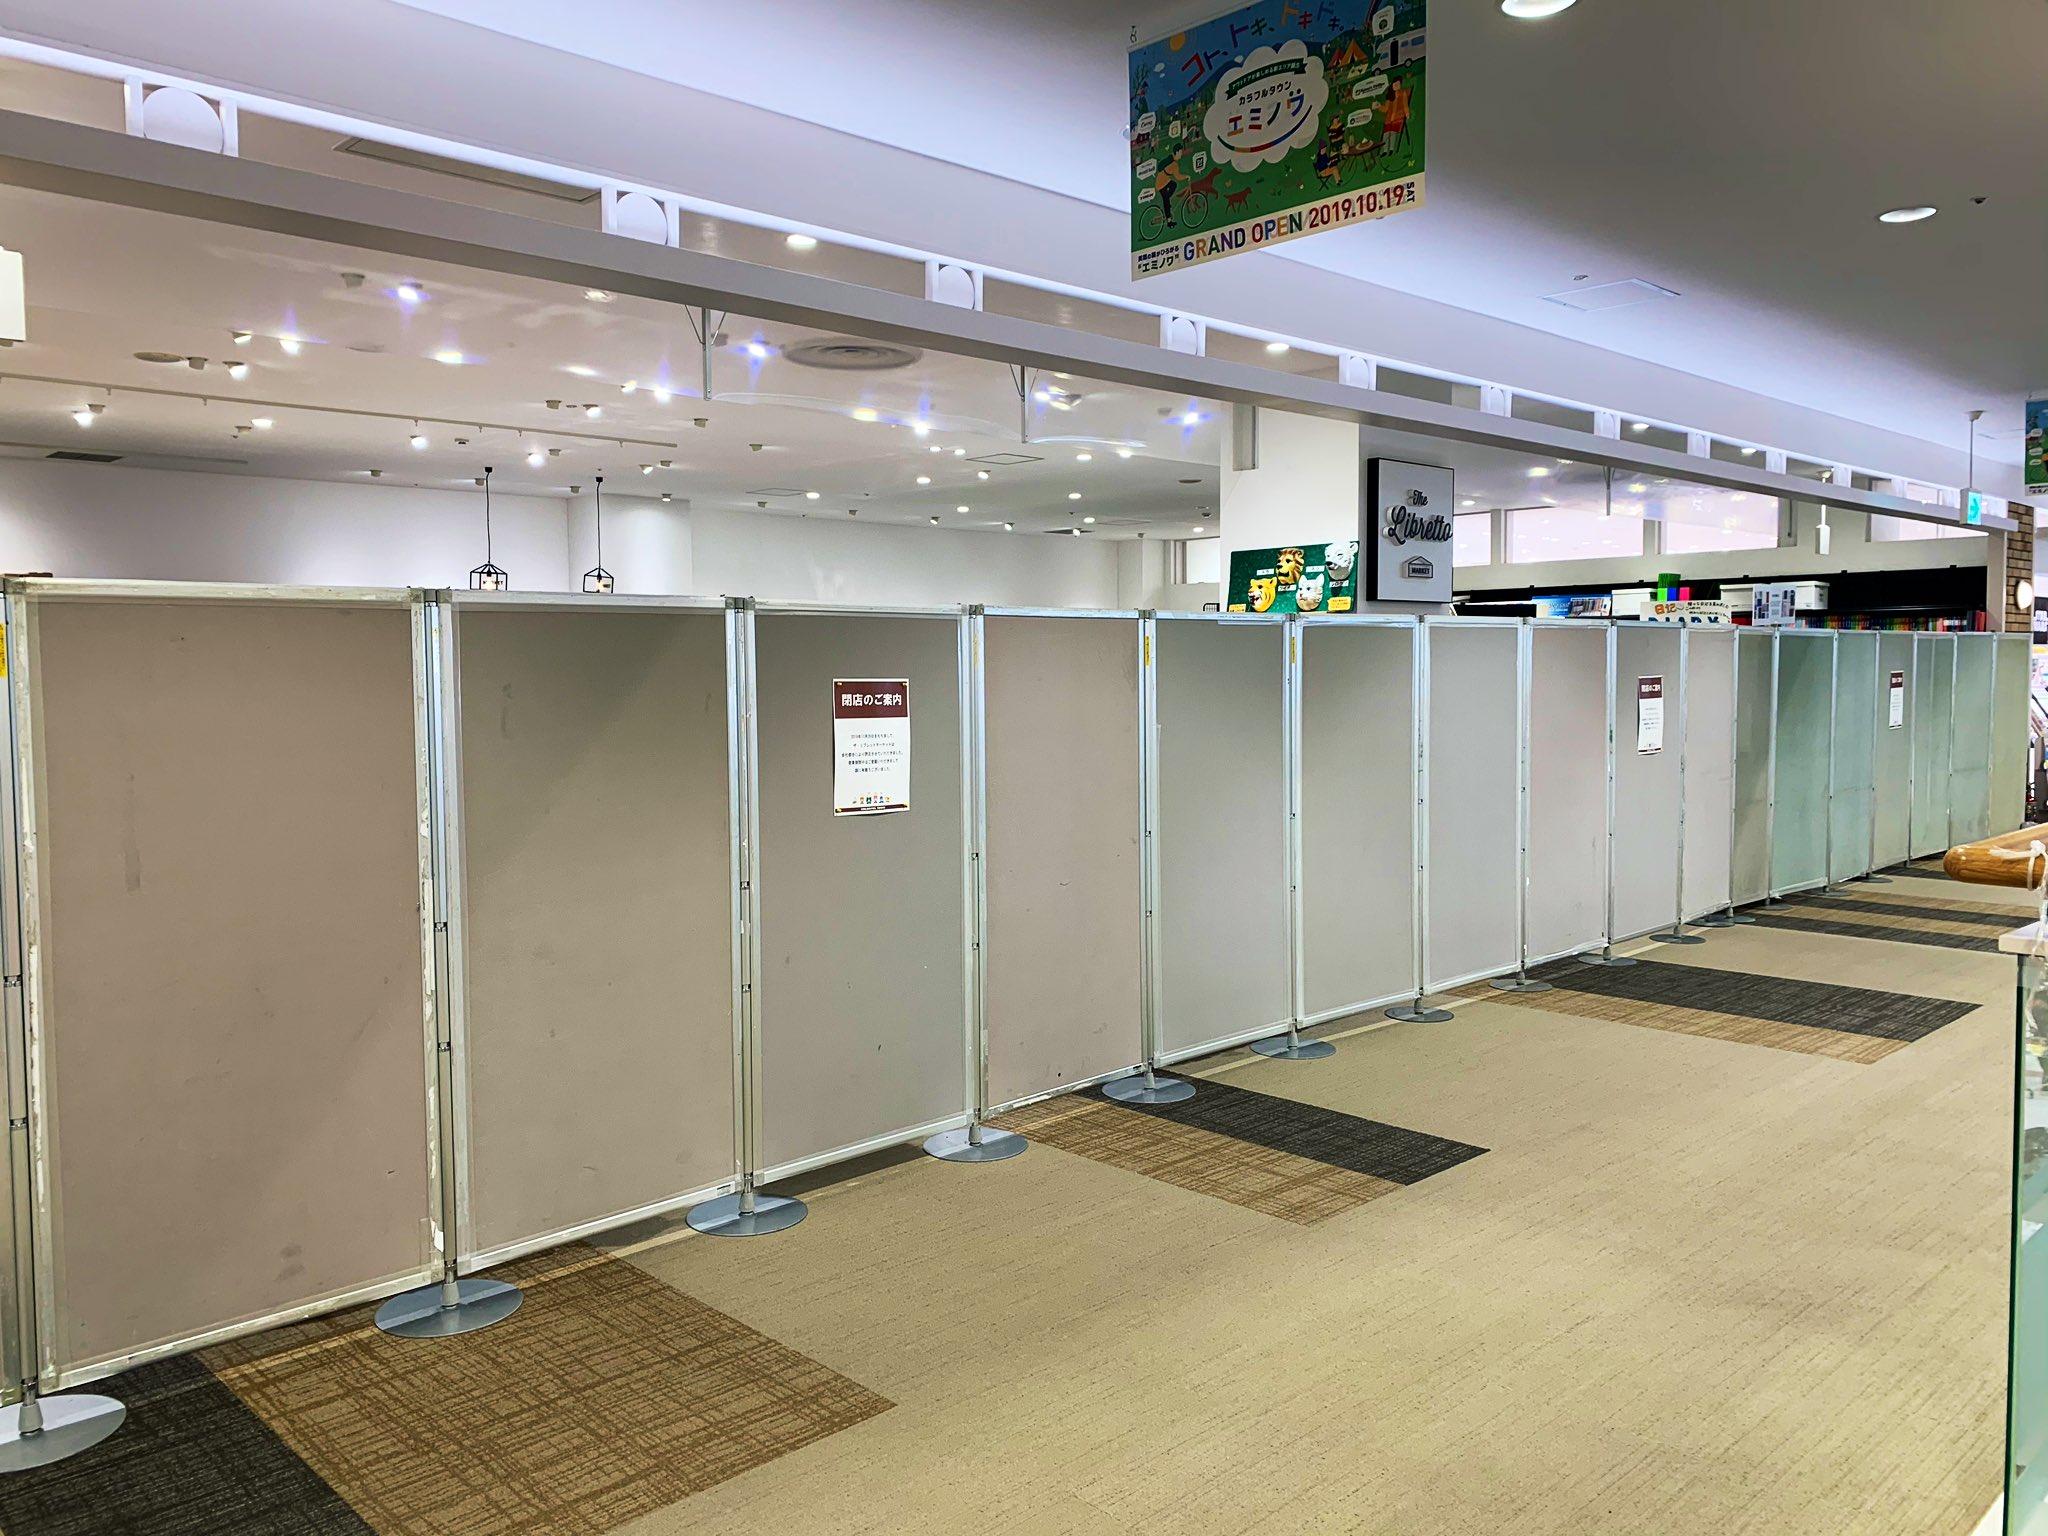 画像,リブレット全店閉店のショックは大きい。本屋が雑貨を展開するライフスタイルショップの先駆けだった。東海エリアで23店舗。大地のおやつも取り扱ってもらい5年ほどにな…